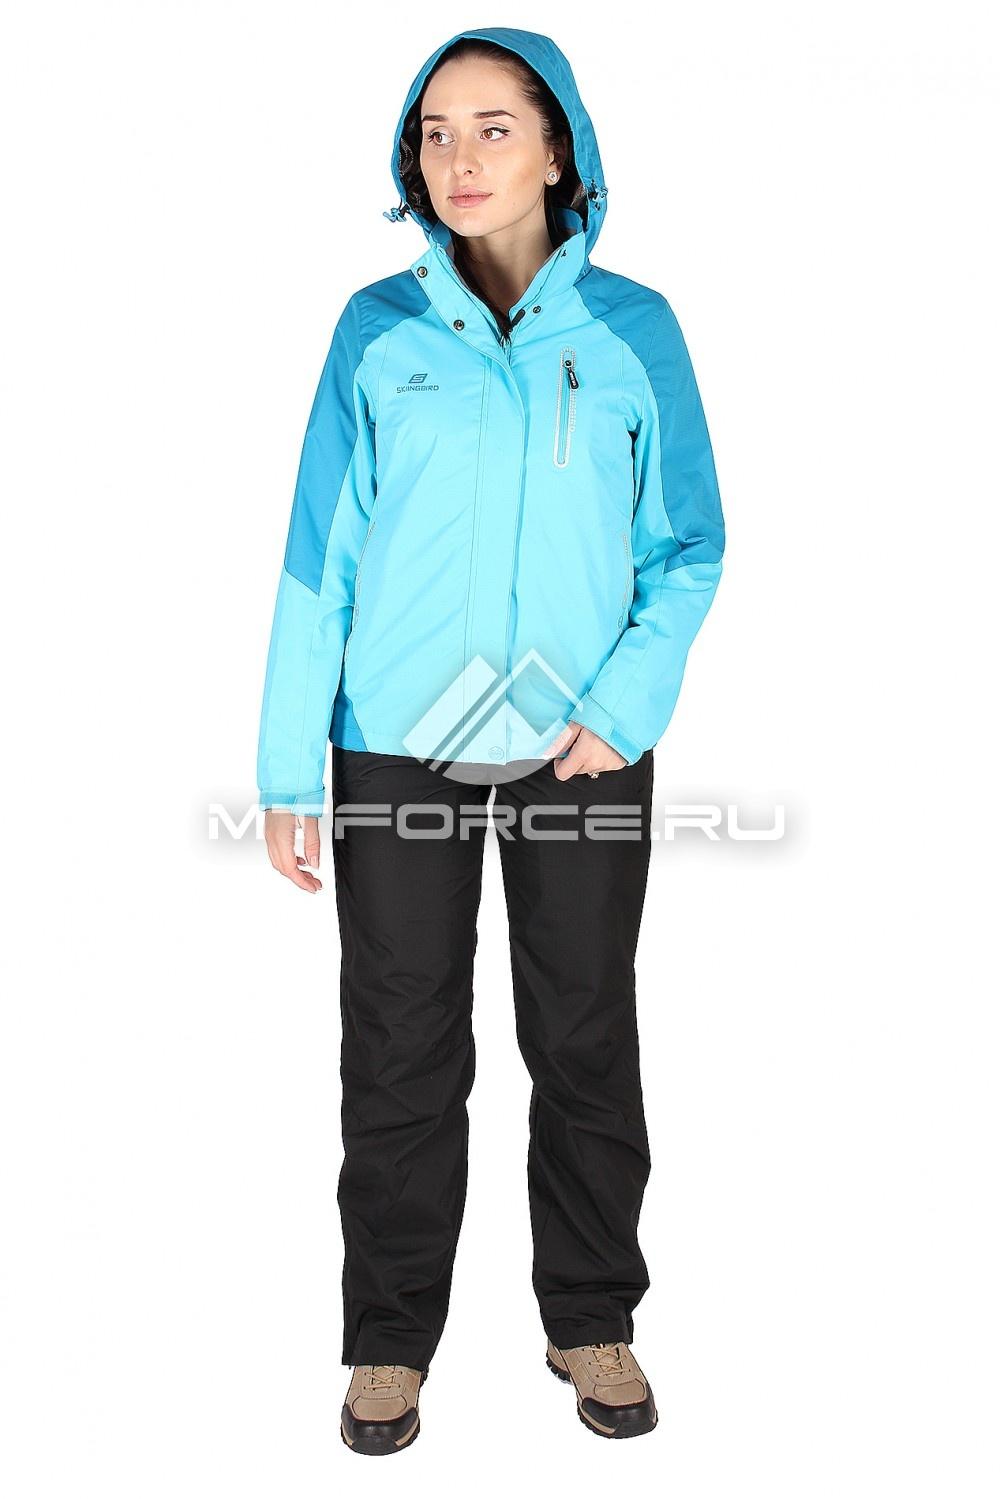 Купить                                  оптом Костюм женский синего цвета 01610S